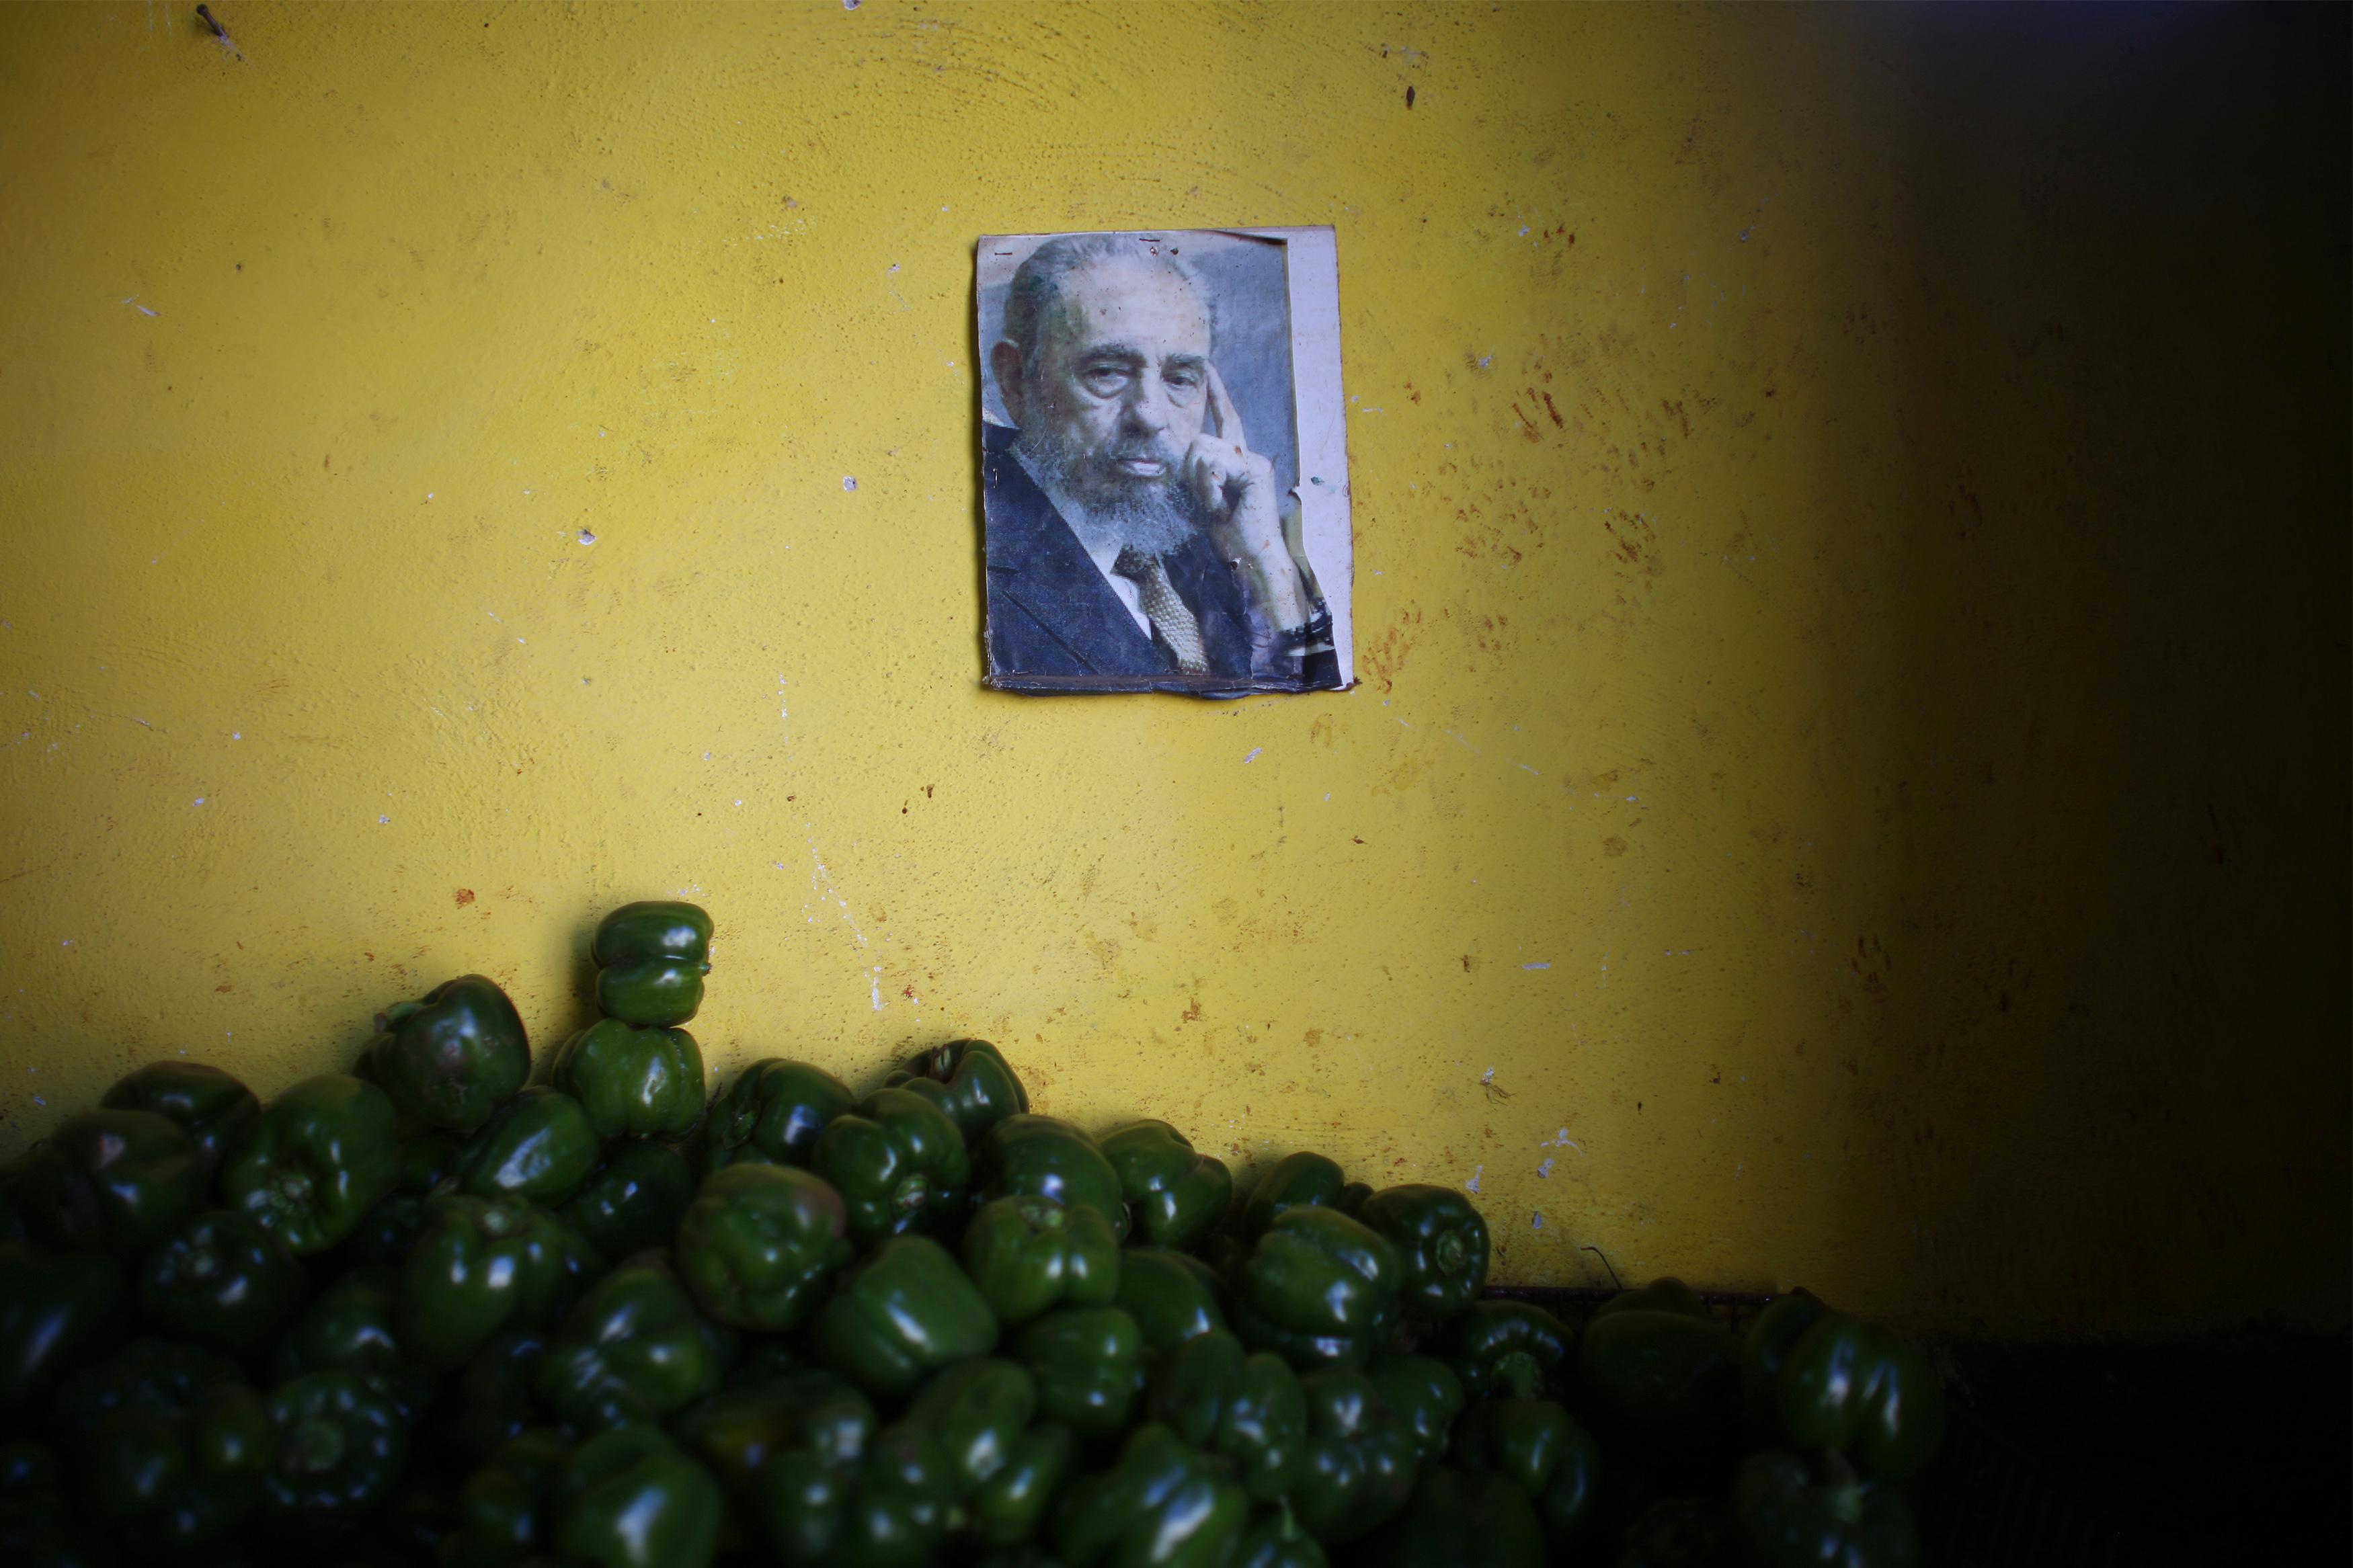 Fidel Castro: a Portrait - series